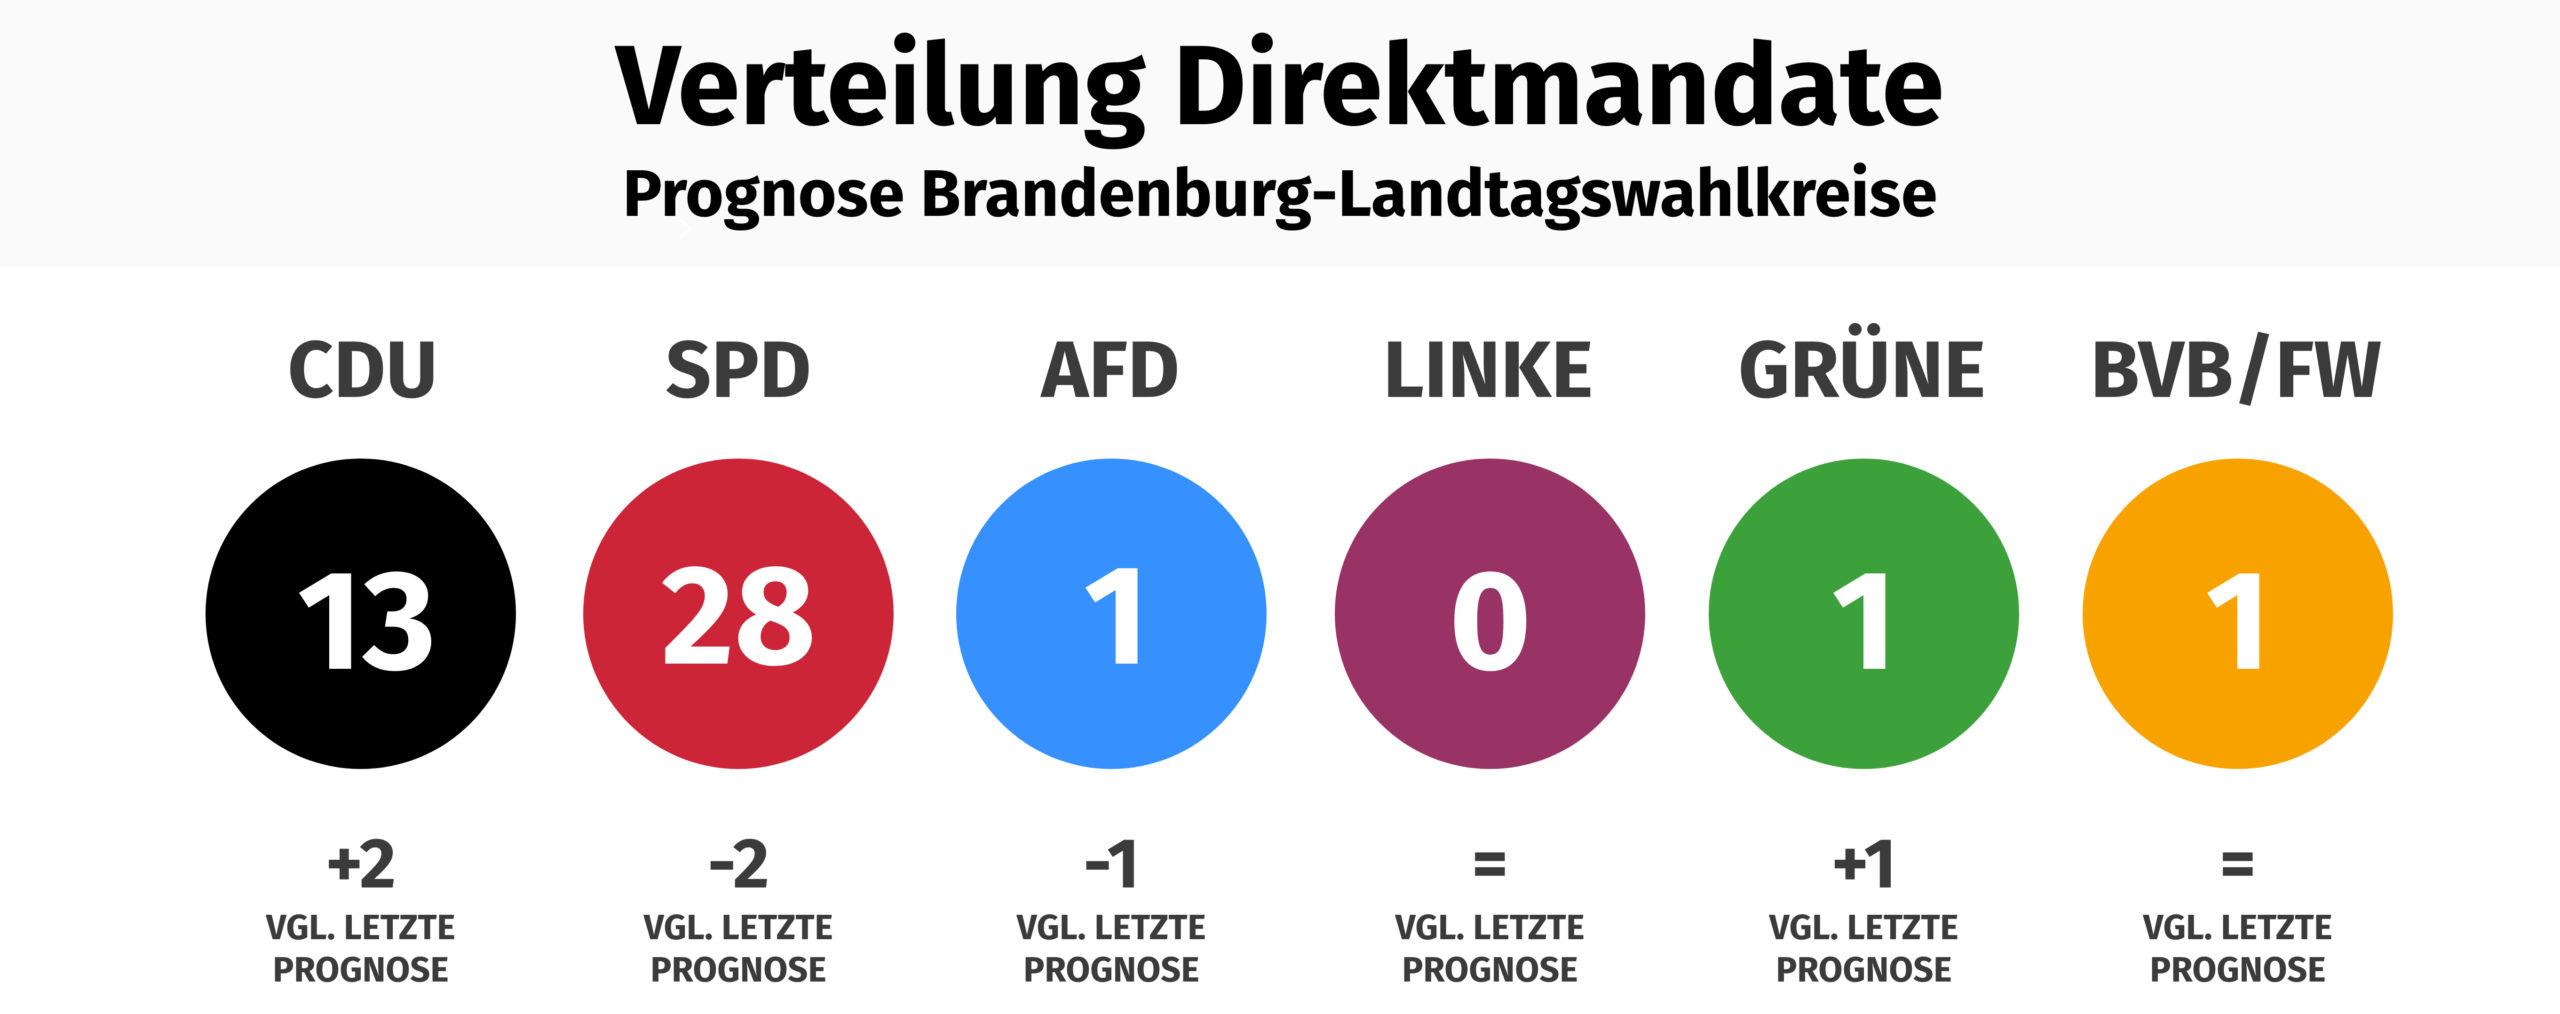 Brandenburg Trend